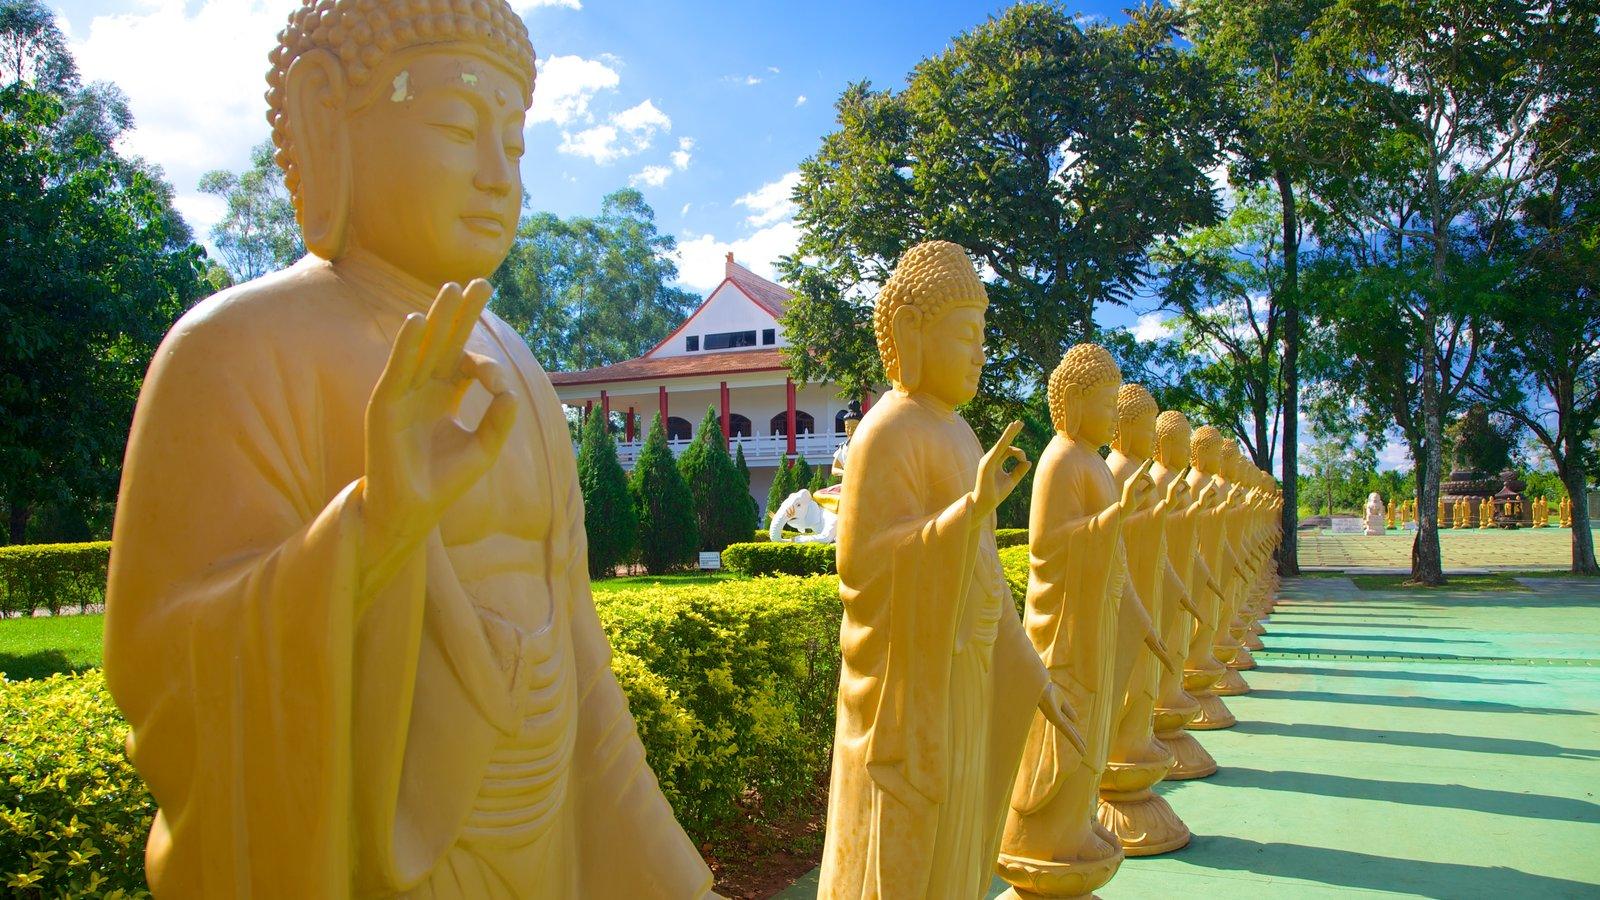 Templo Budista caracterizando elementos religiosos e um templo ou local de adoração